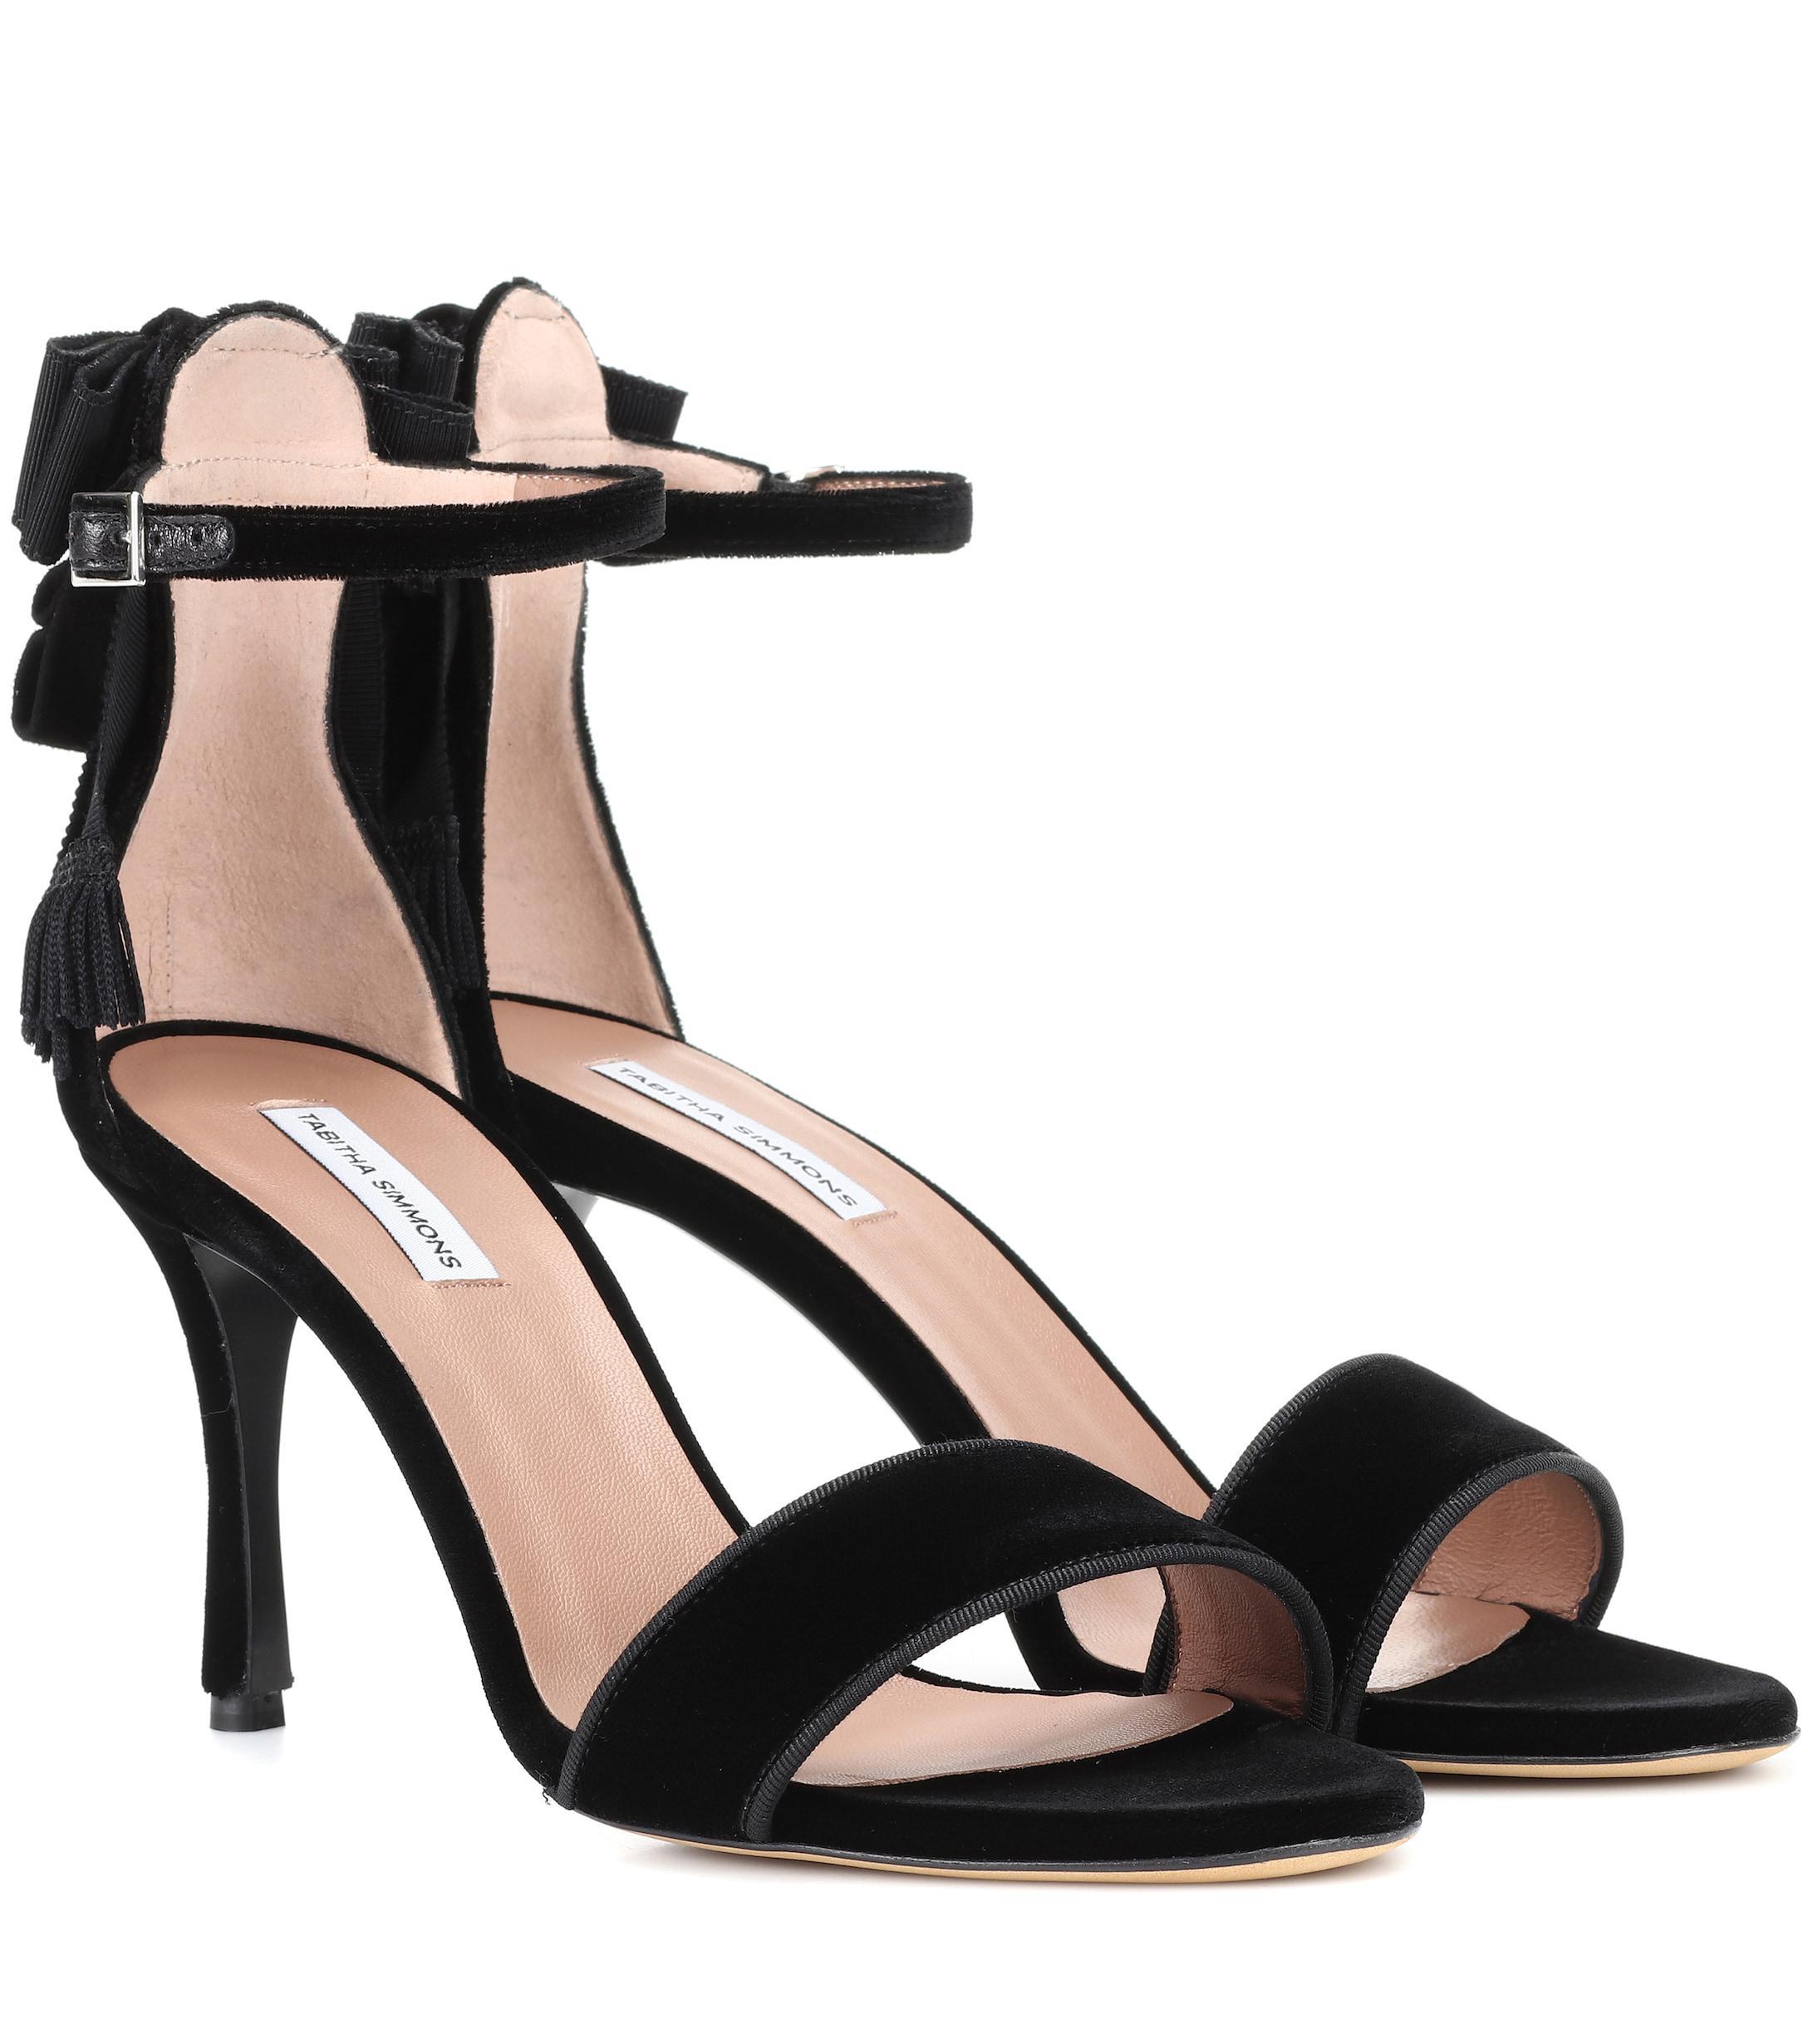 a3b5876bf57303 ... Black Frances 85 Velvet Sandals - Lyst. View fullscreen